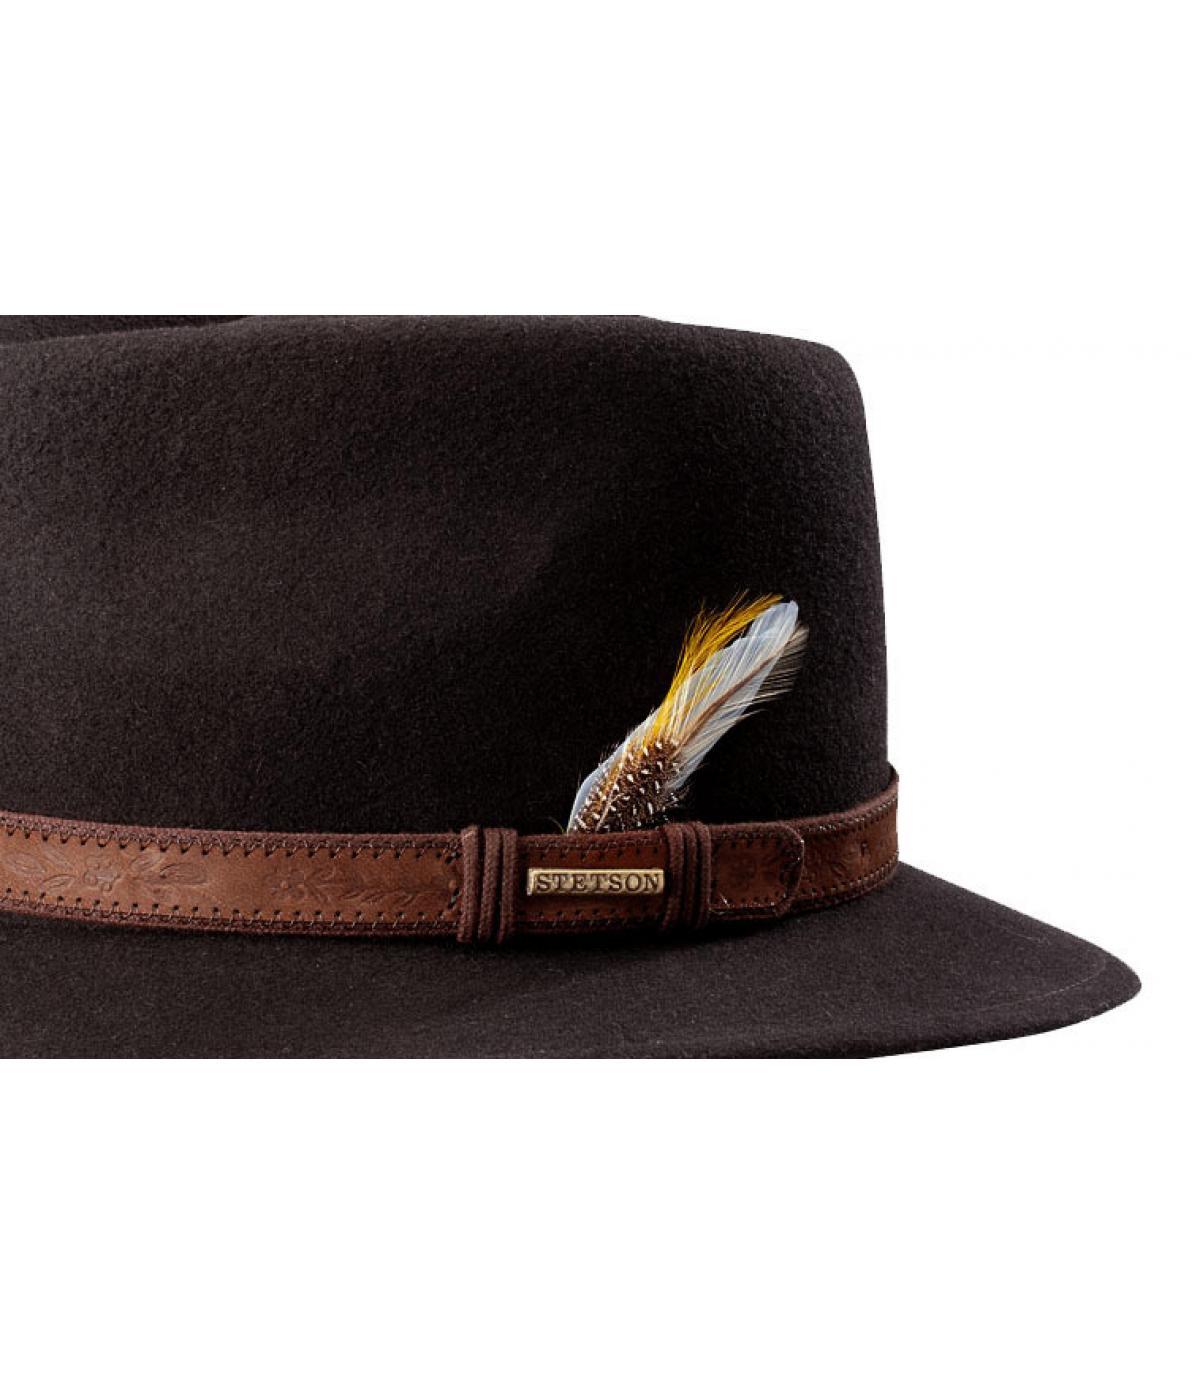 Chapeau classique stetson